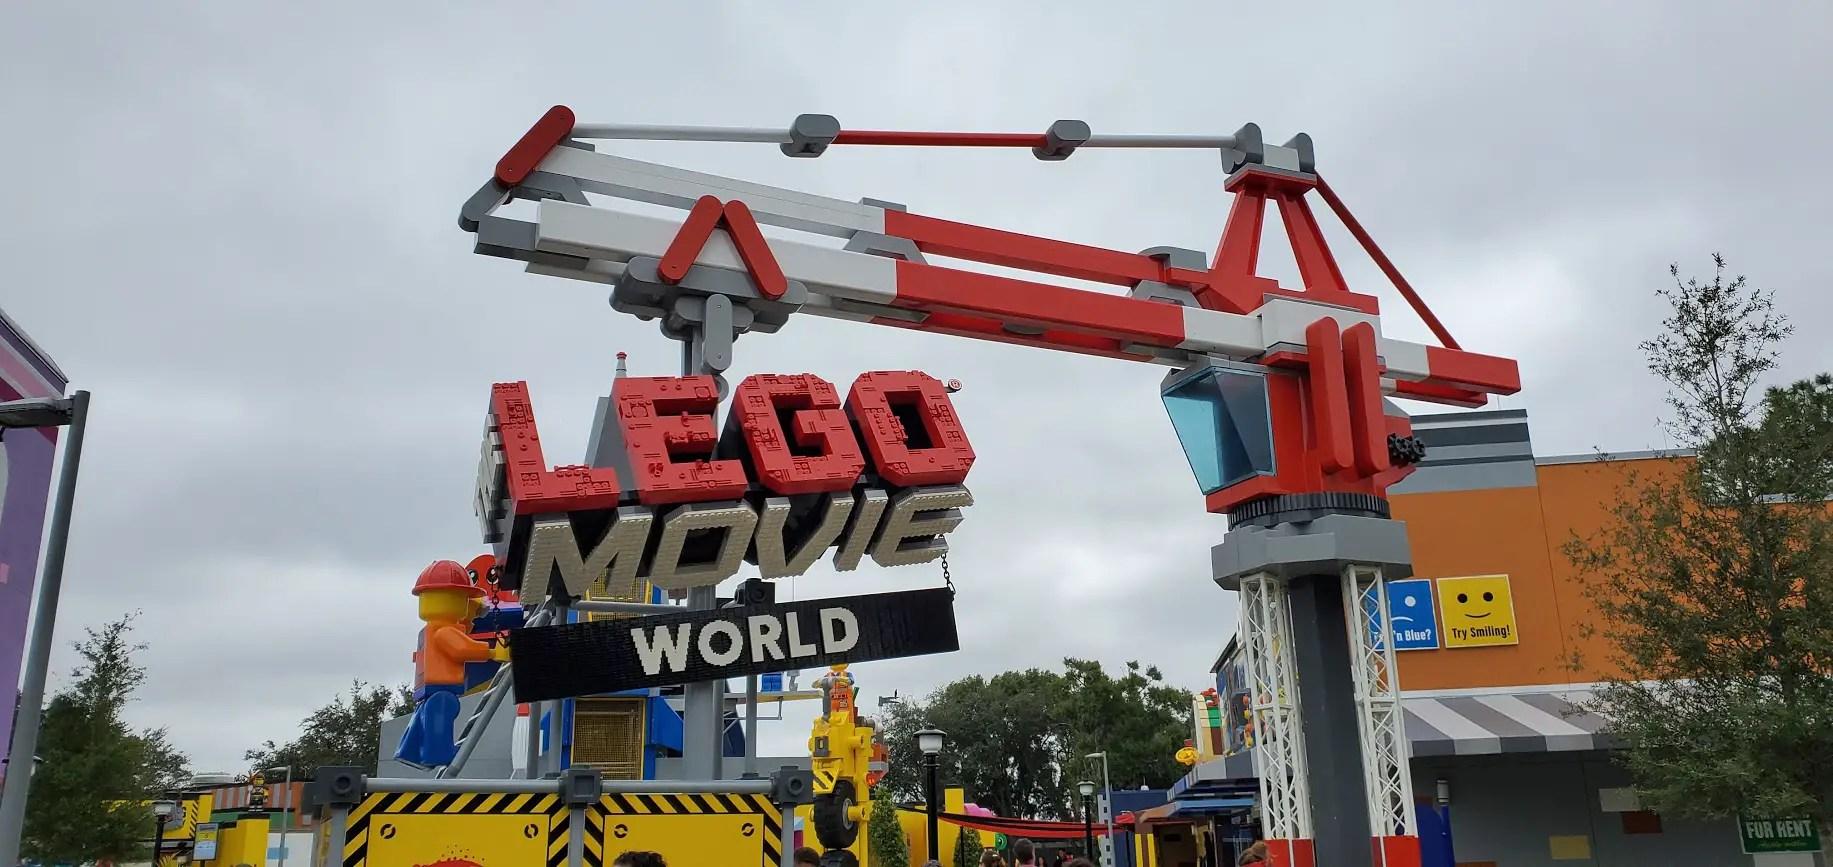 Legoland Florida announces some AWESOME Black Friday deals